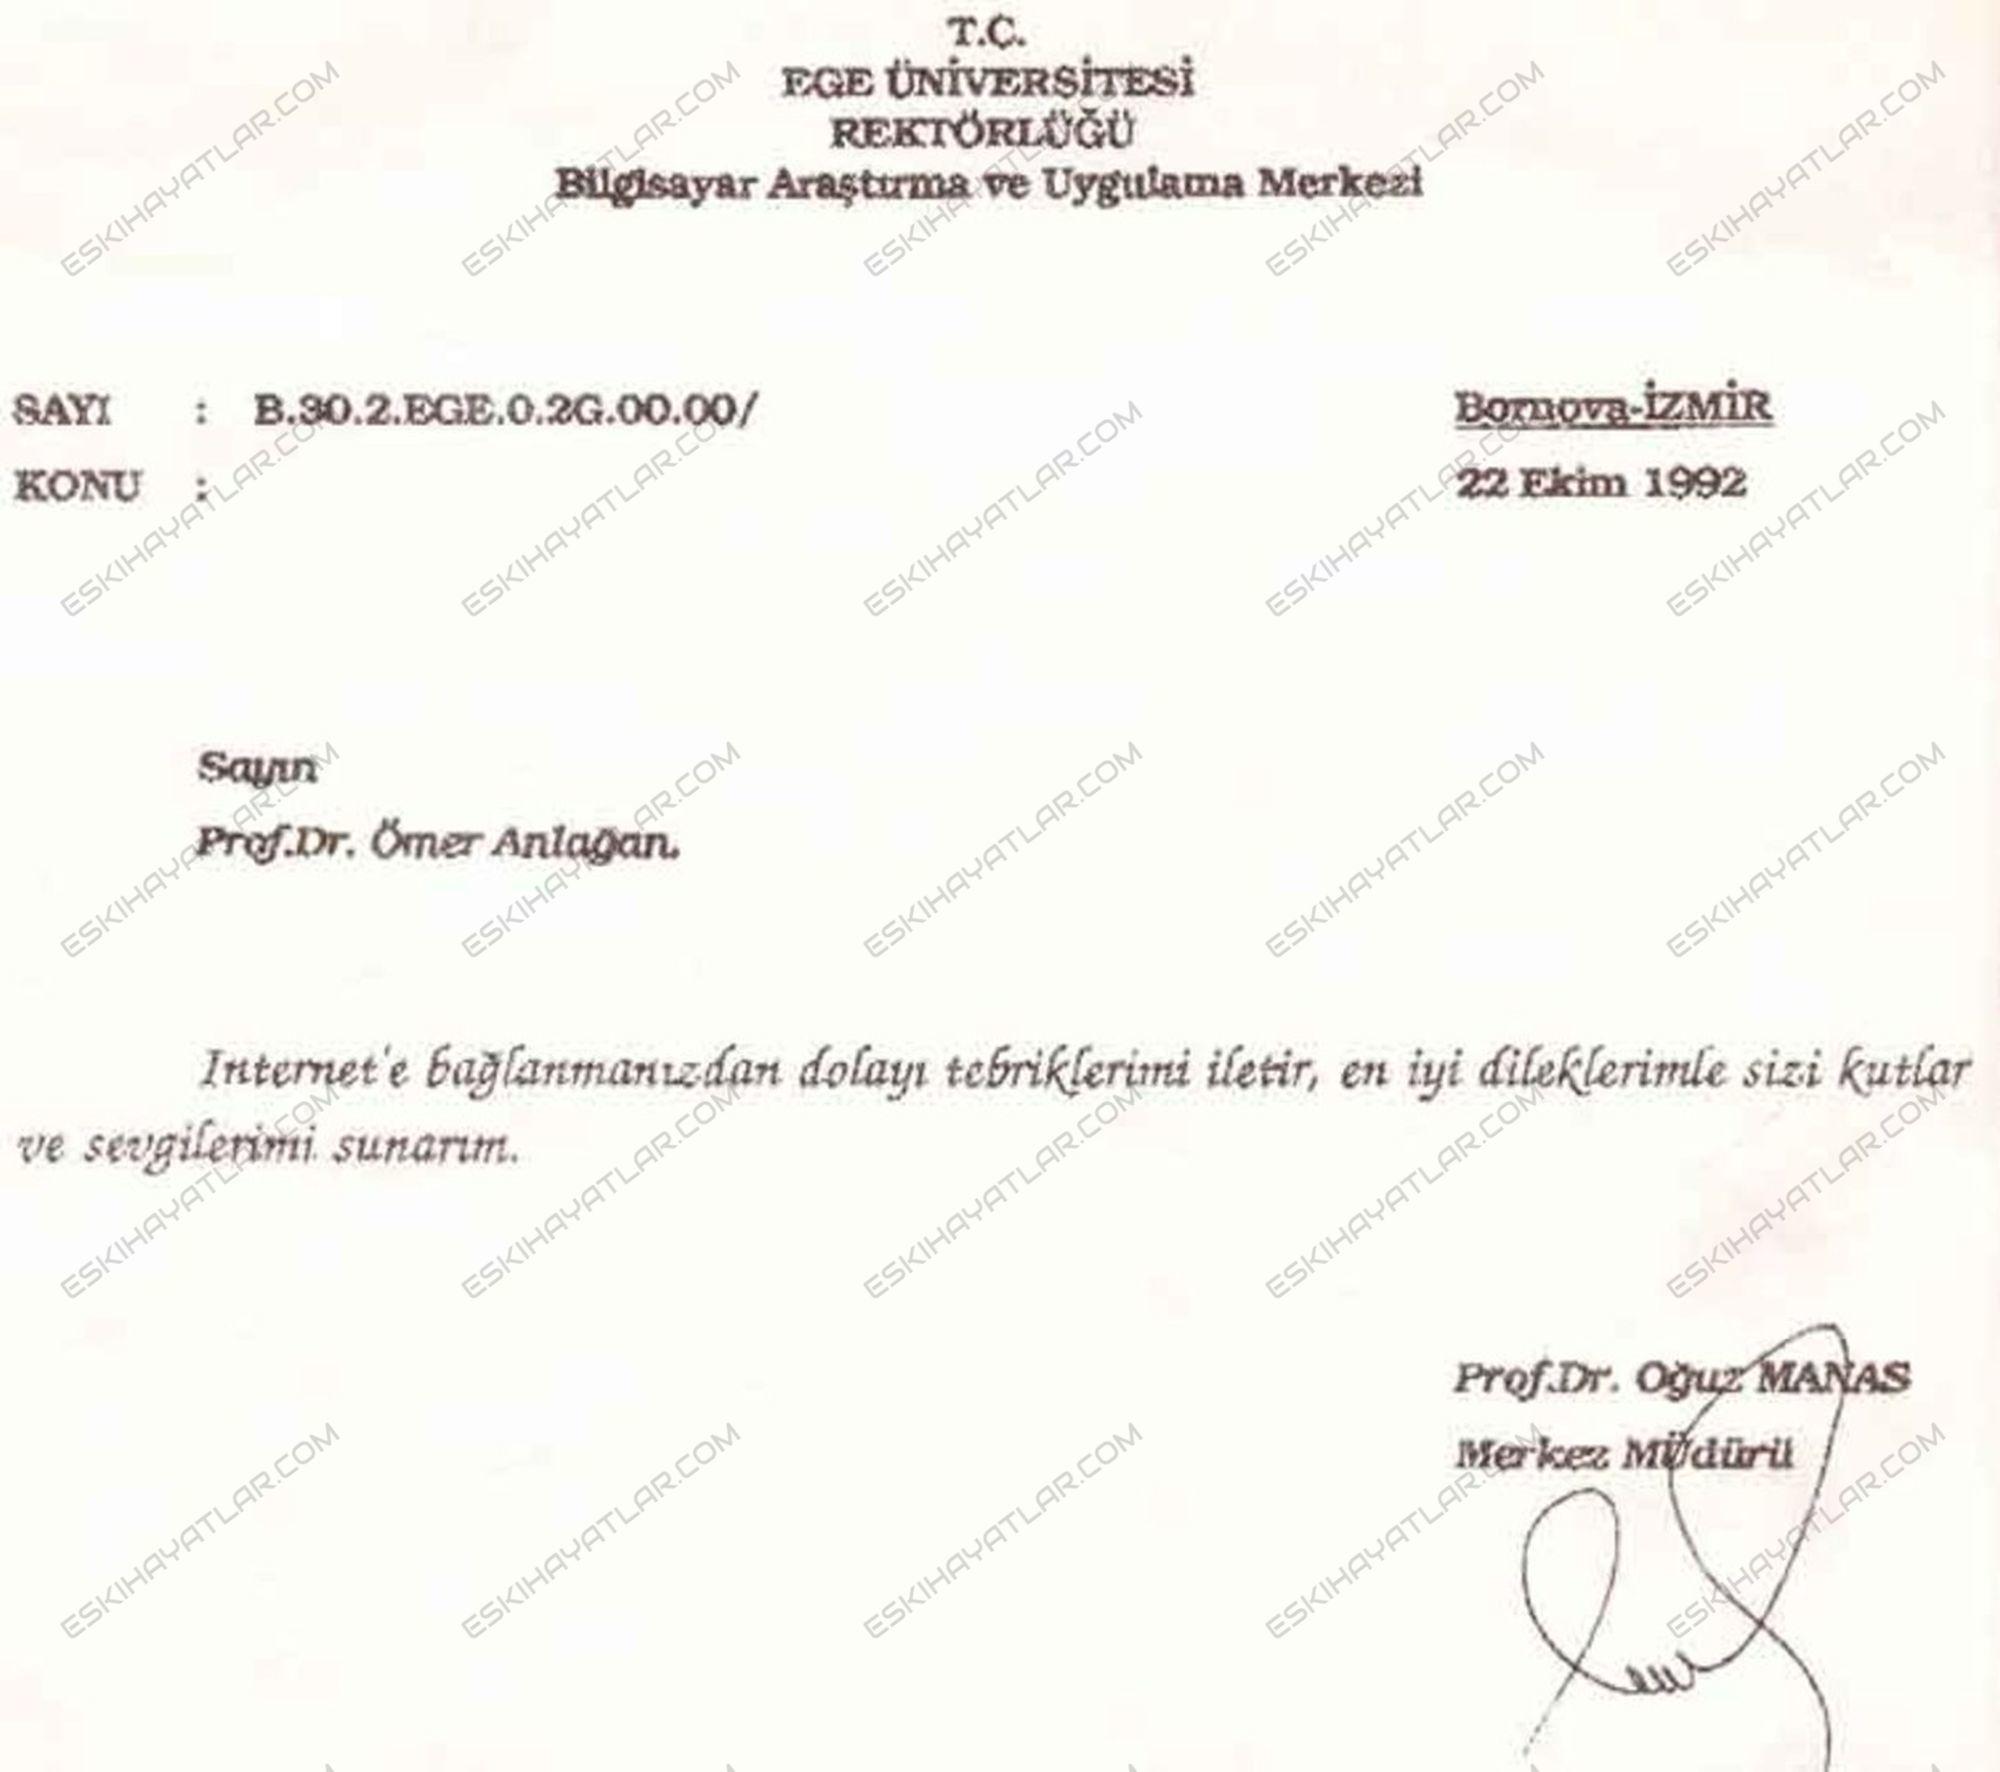 internet-ulkemize-ne-zaman-geldi-turkiyede-internet-25-yasinda (26)